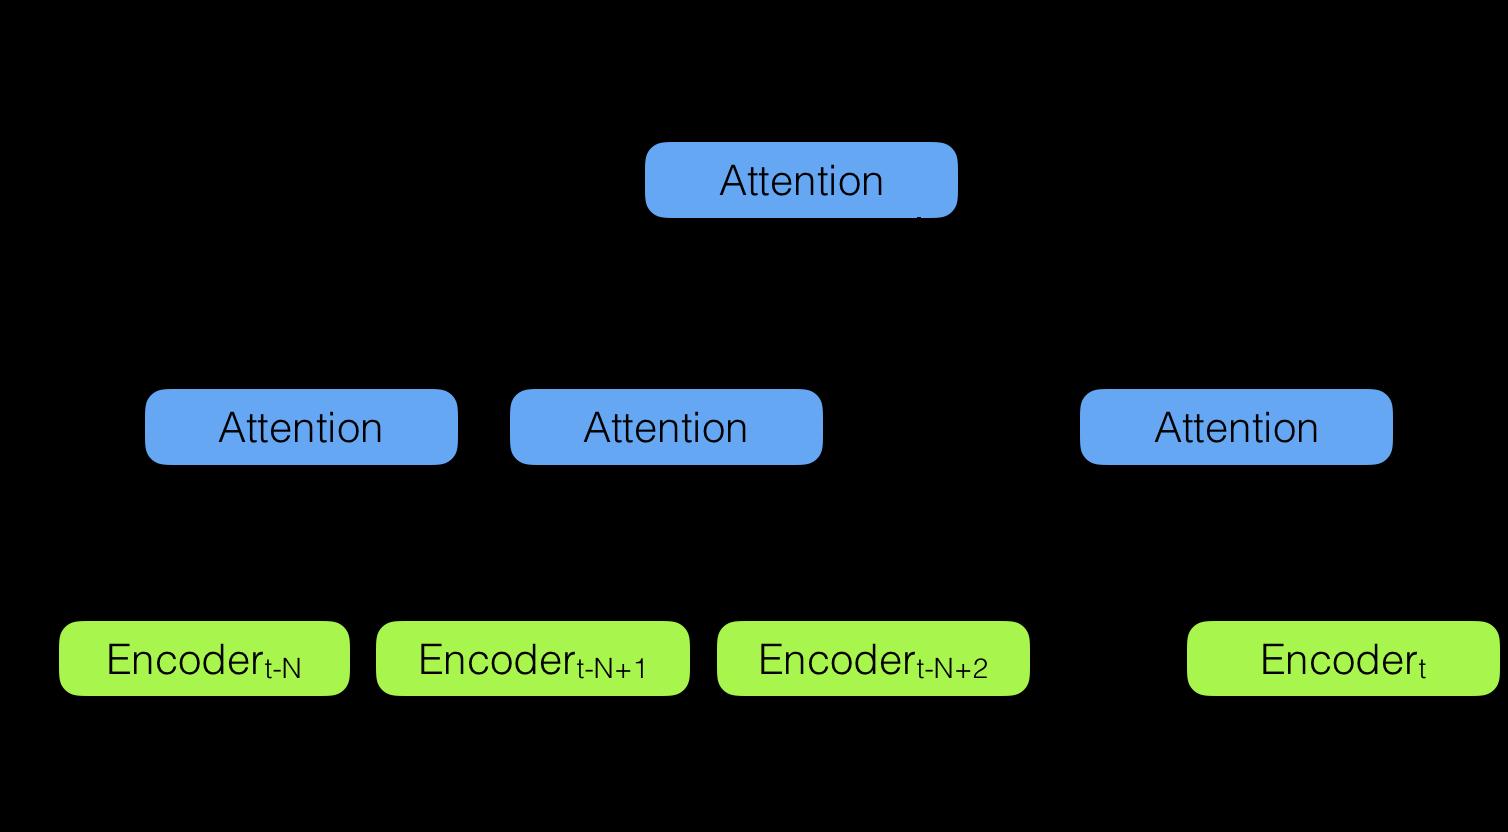 Рис.3 Иерархический нейронный кодировщик внимани